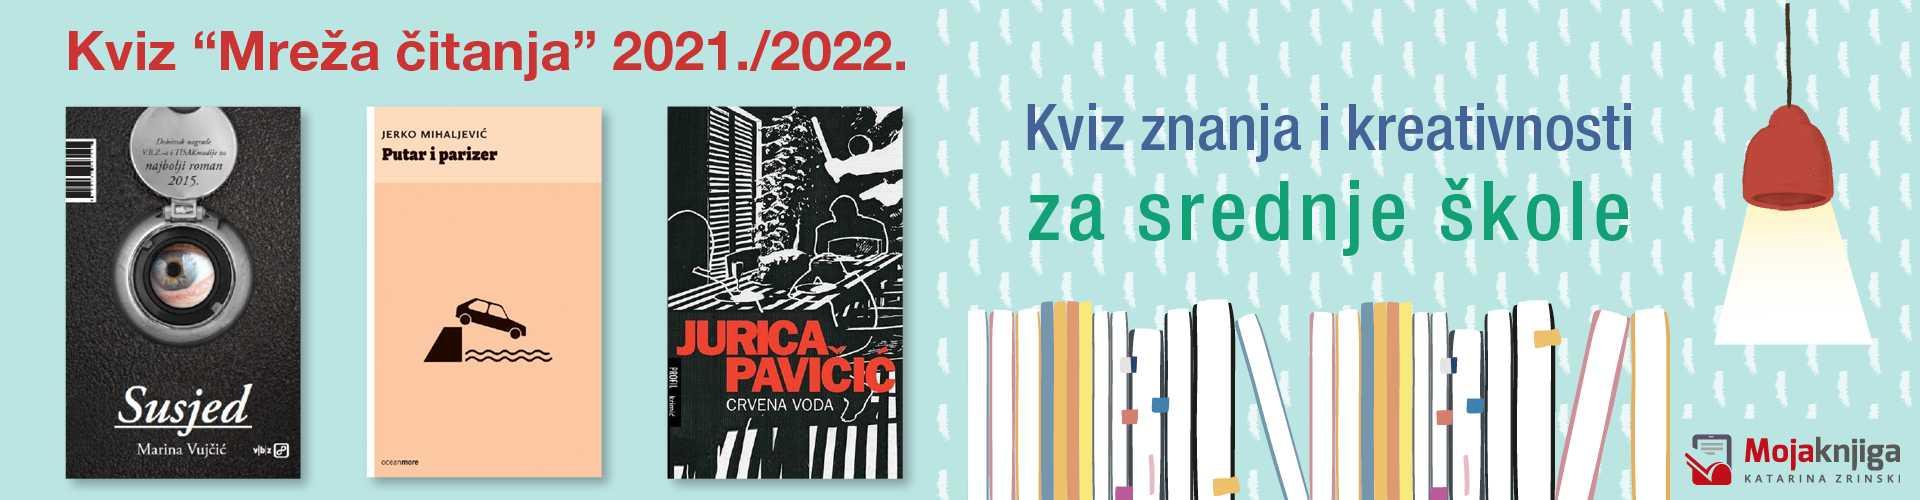 """Kviz """"MREŽA ČITANJA"""" za SREDNJE ŠKOLE 2021/2022"""